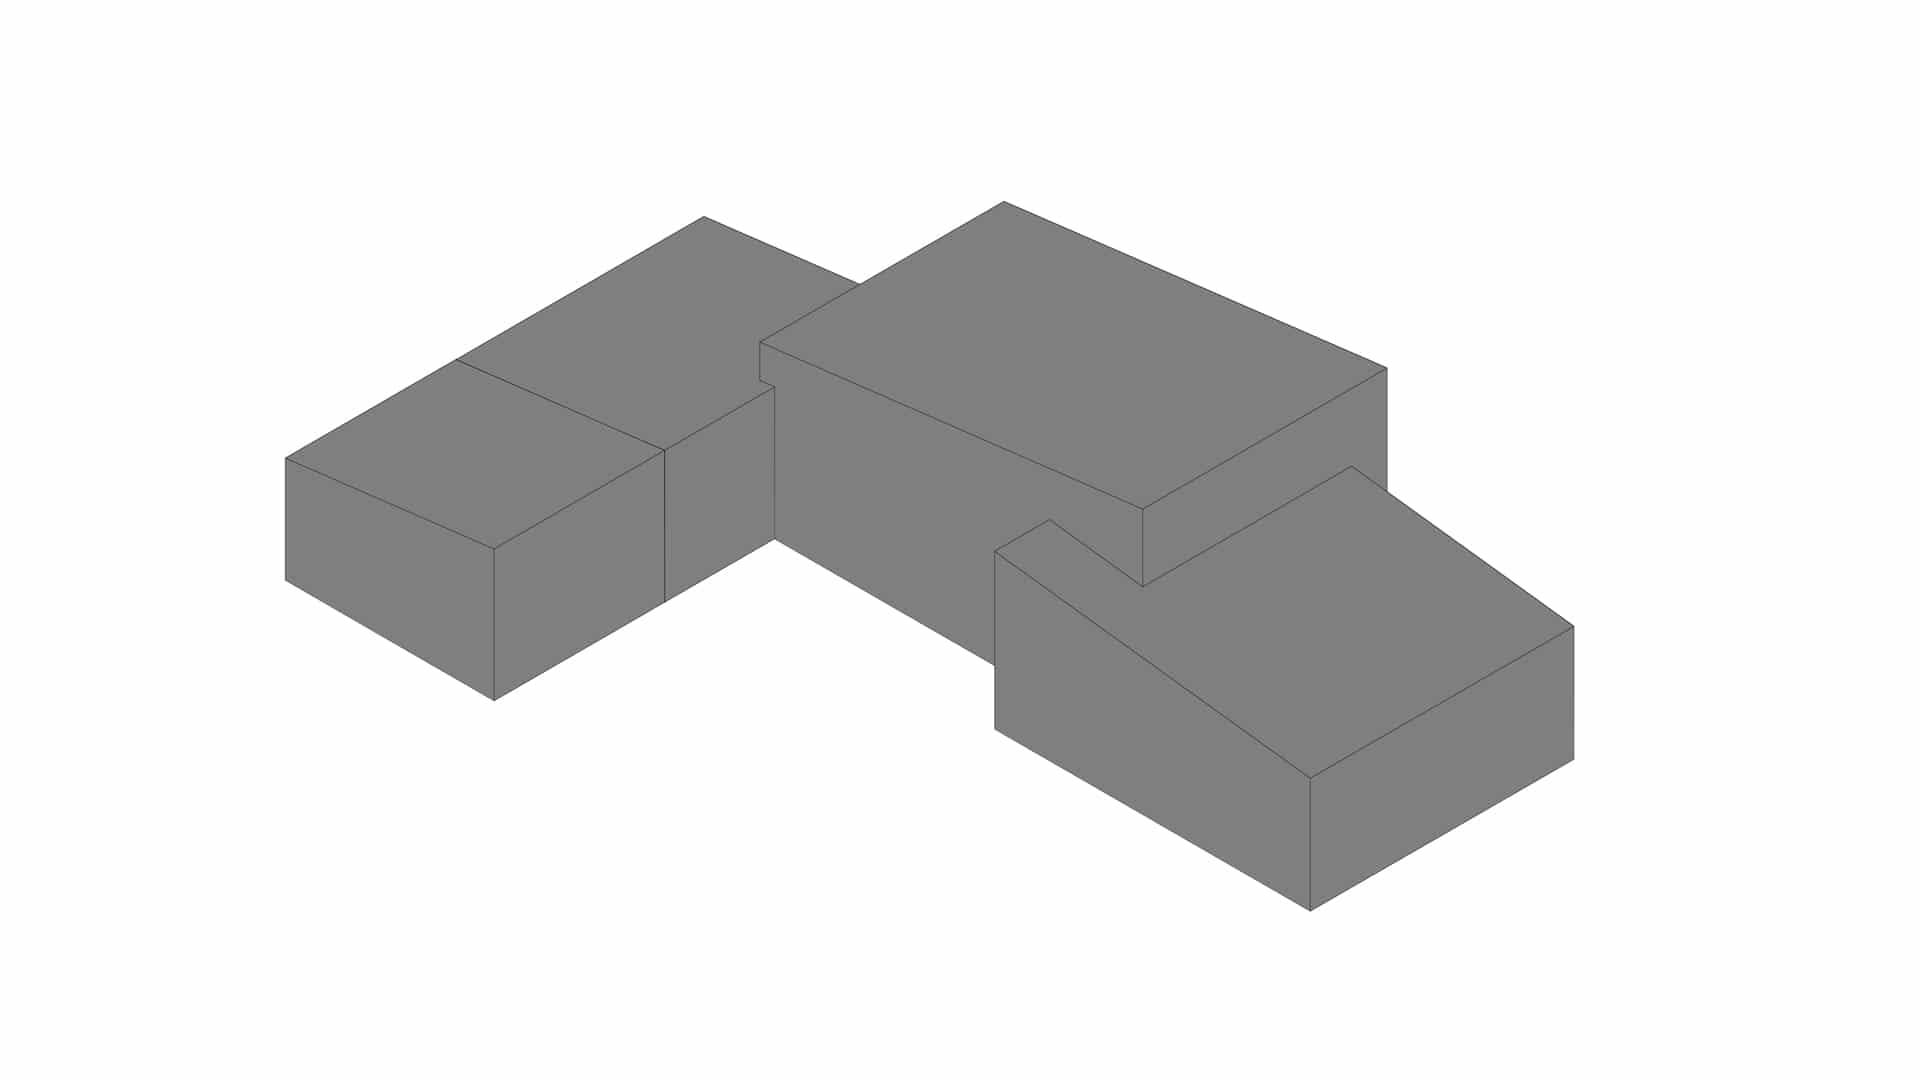 Volumemodel van een ontwerp